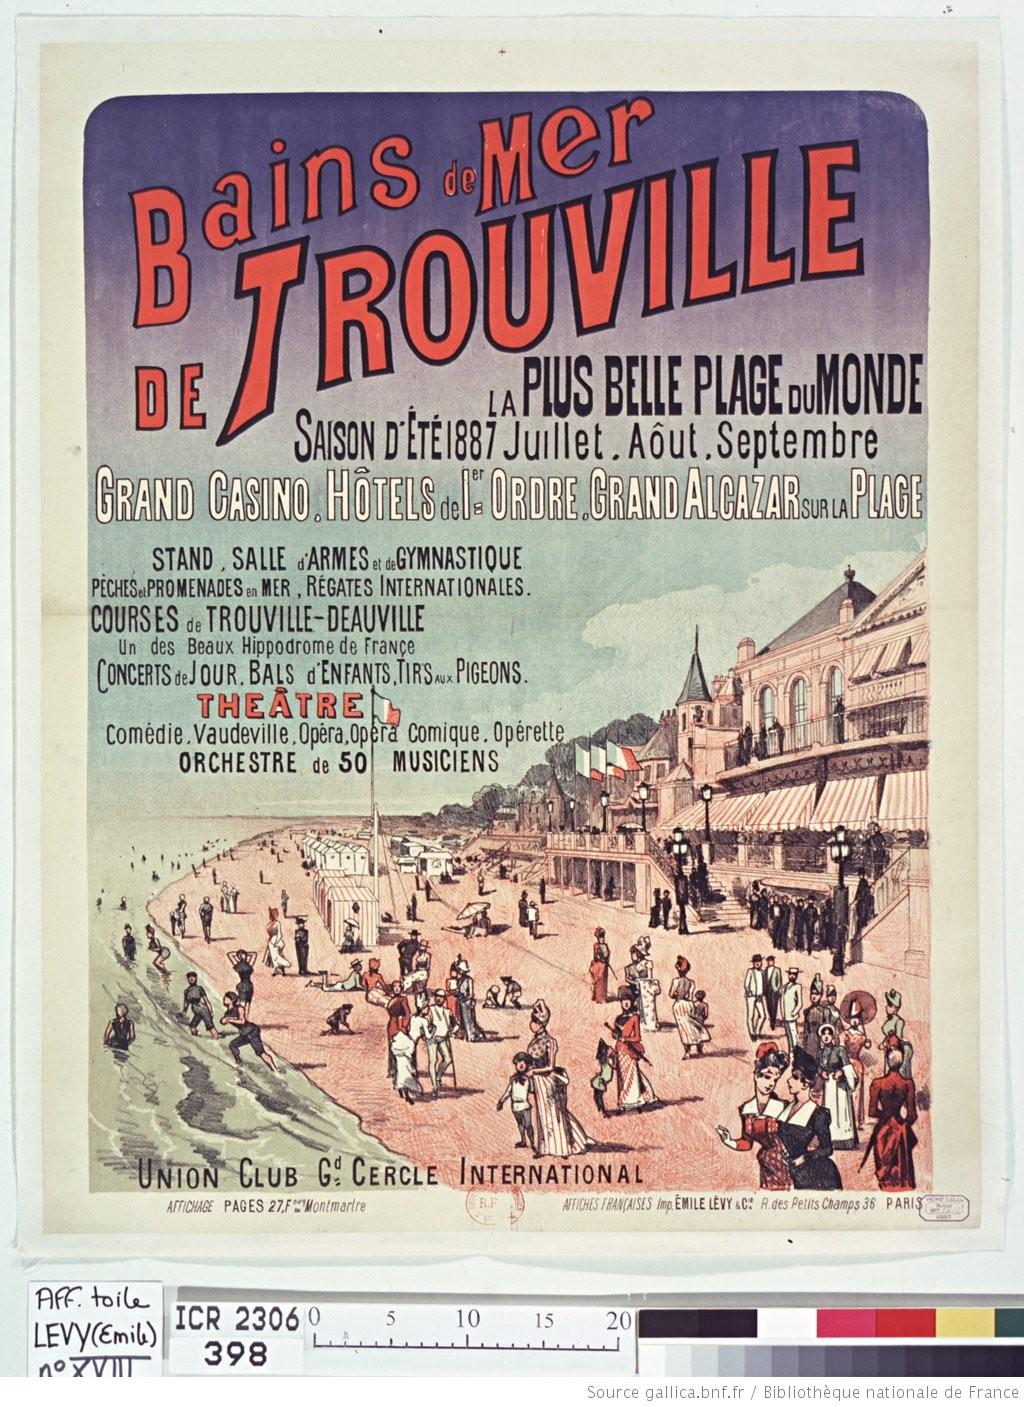 Póster anunciando la estación balnearia de Trouville (1887),